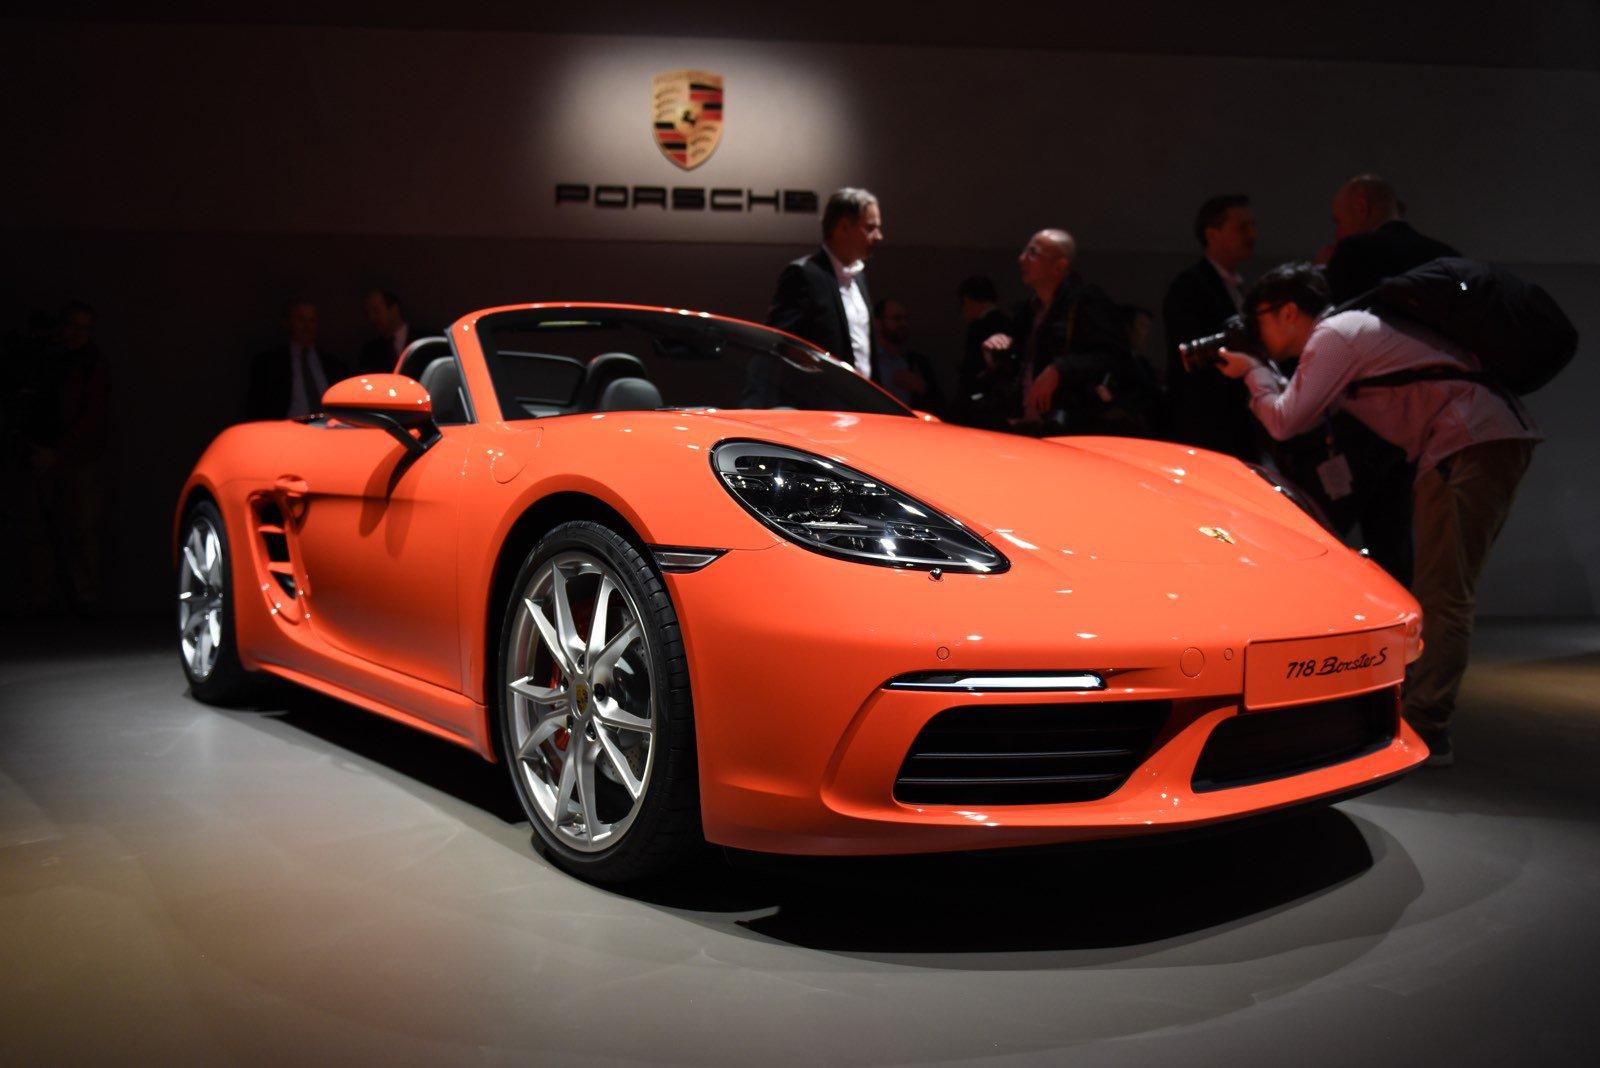 Porsche 718 Boxster Geneva Motor Show